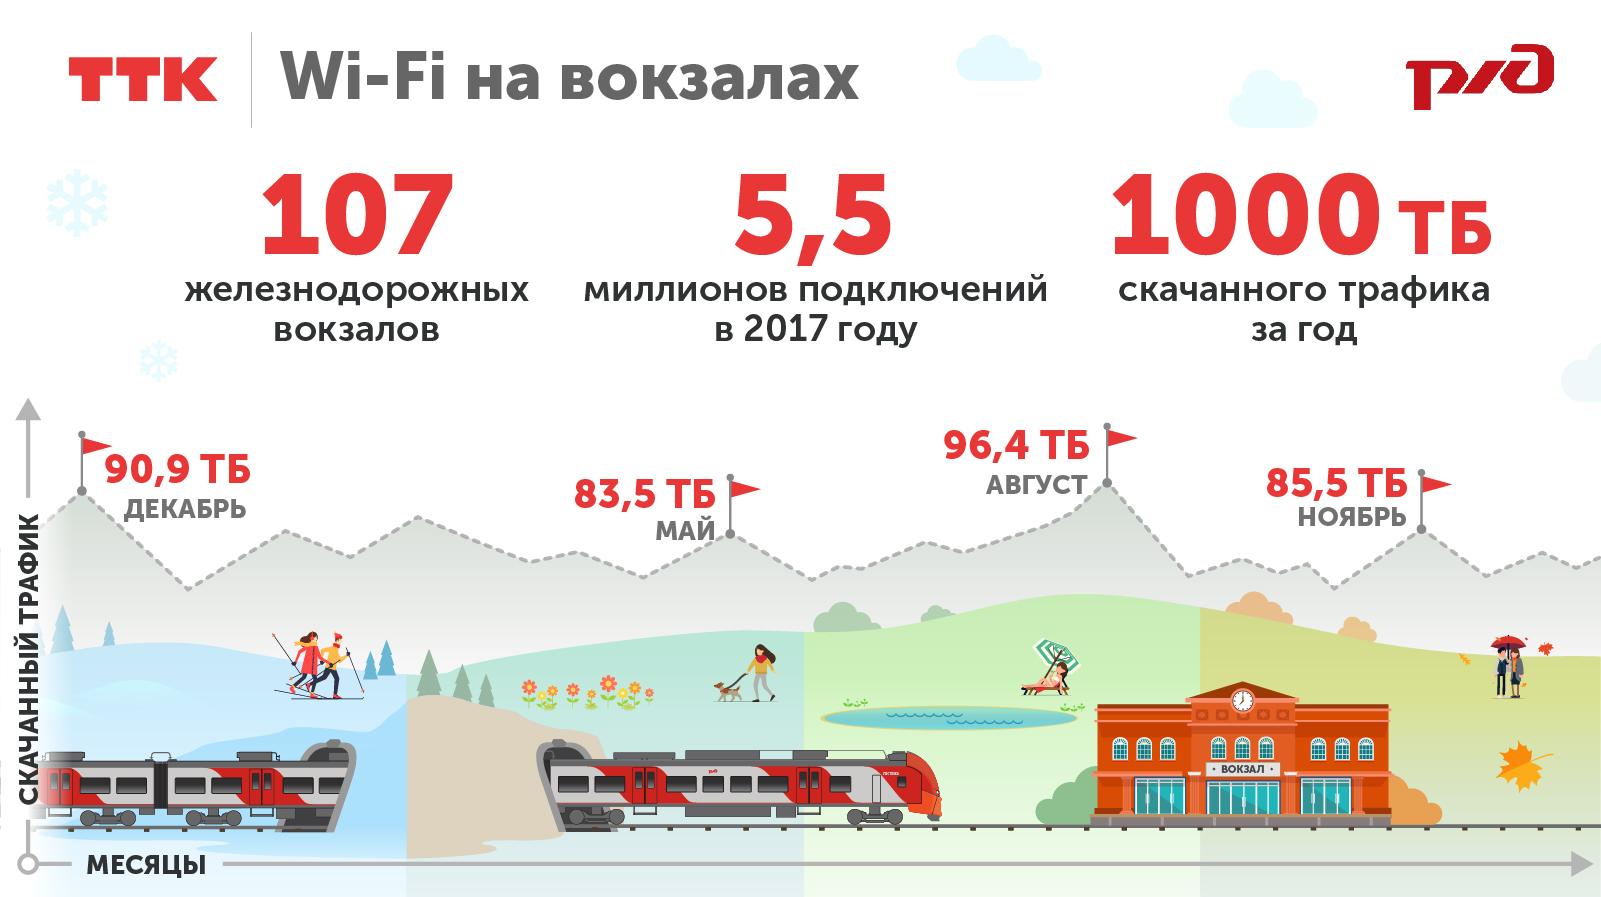 Wi-Fi от ТТК на вокзалах за год 1